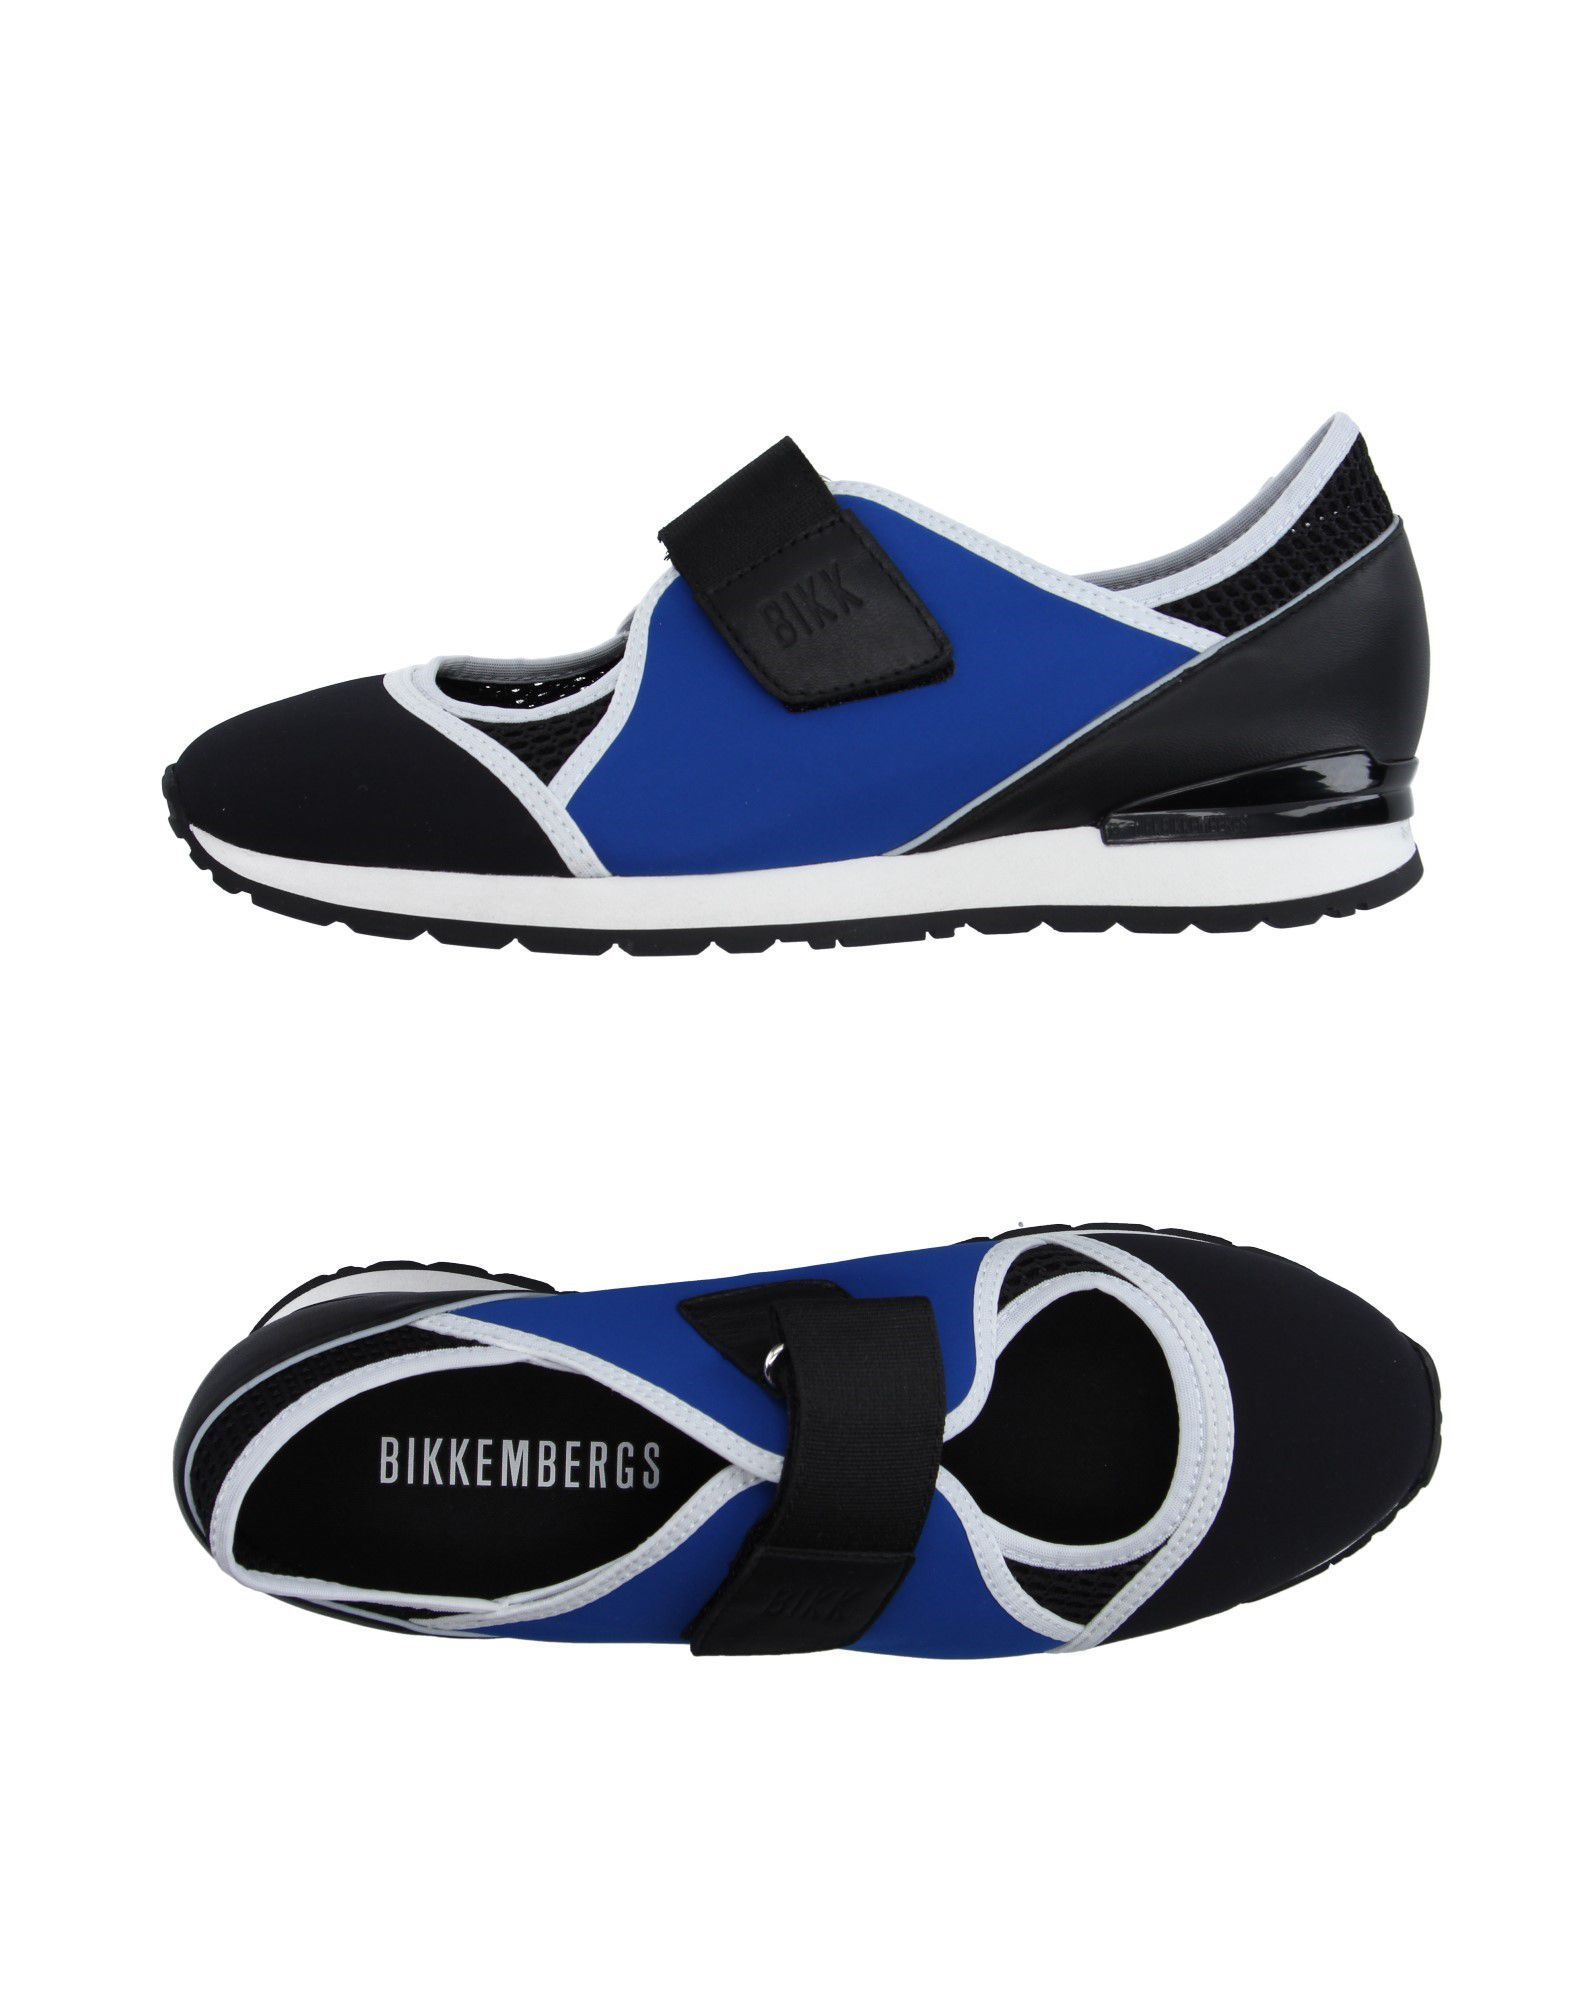 Bikkembergs Sneakers  - Women Bikkembergs Sneakers online on  Sneakers Canada - 11152613FF 2e453a